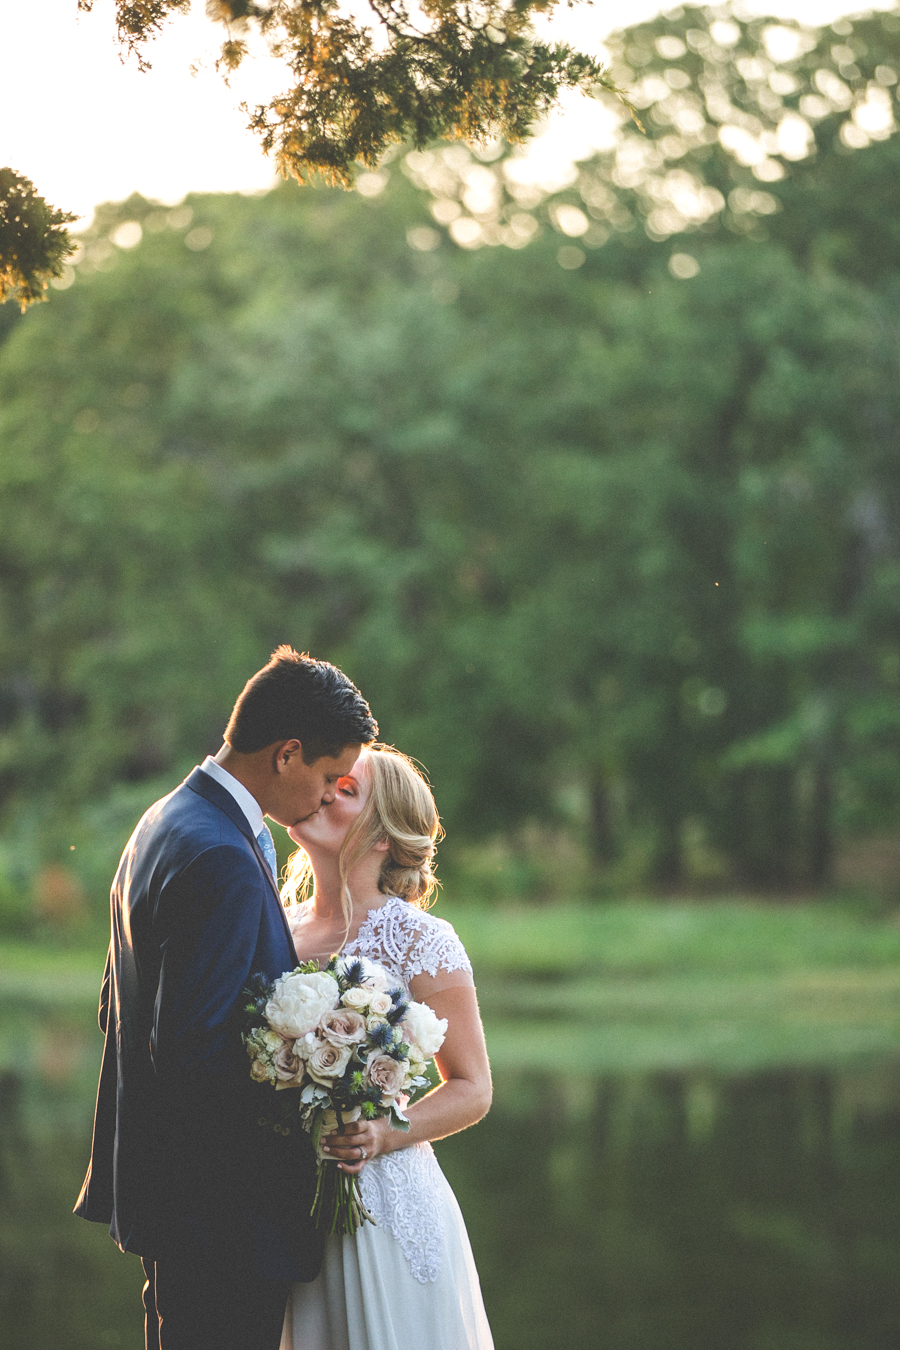 Bradi & James   Tulsa Wedding Photography   BlogBradi & James   Tulsa Wedding Photography   Blog-1-28